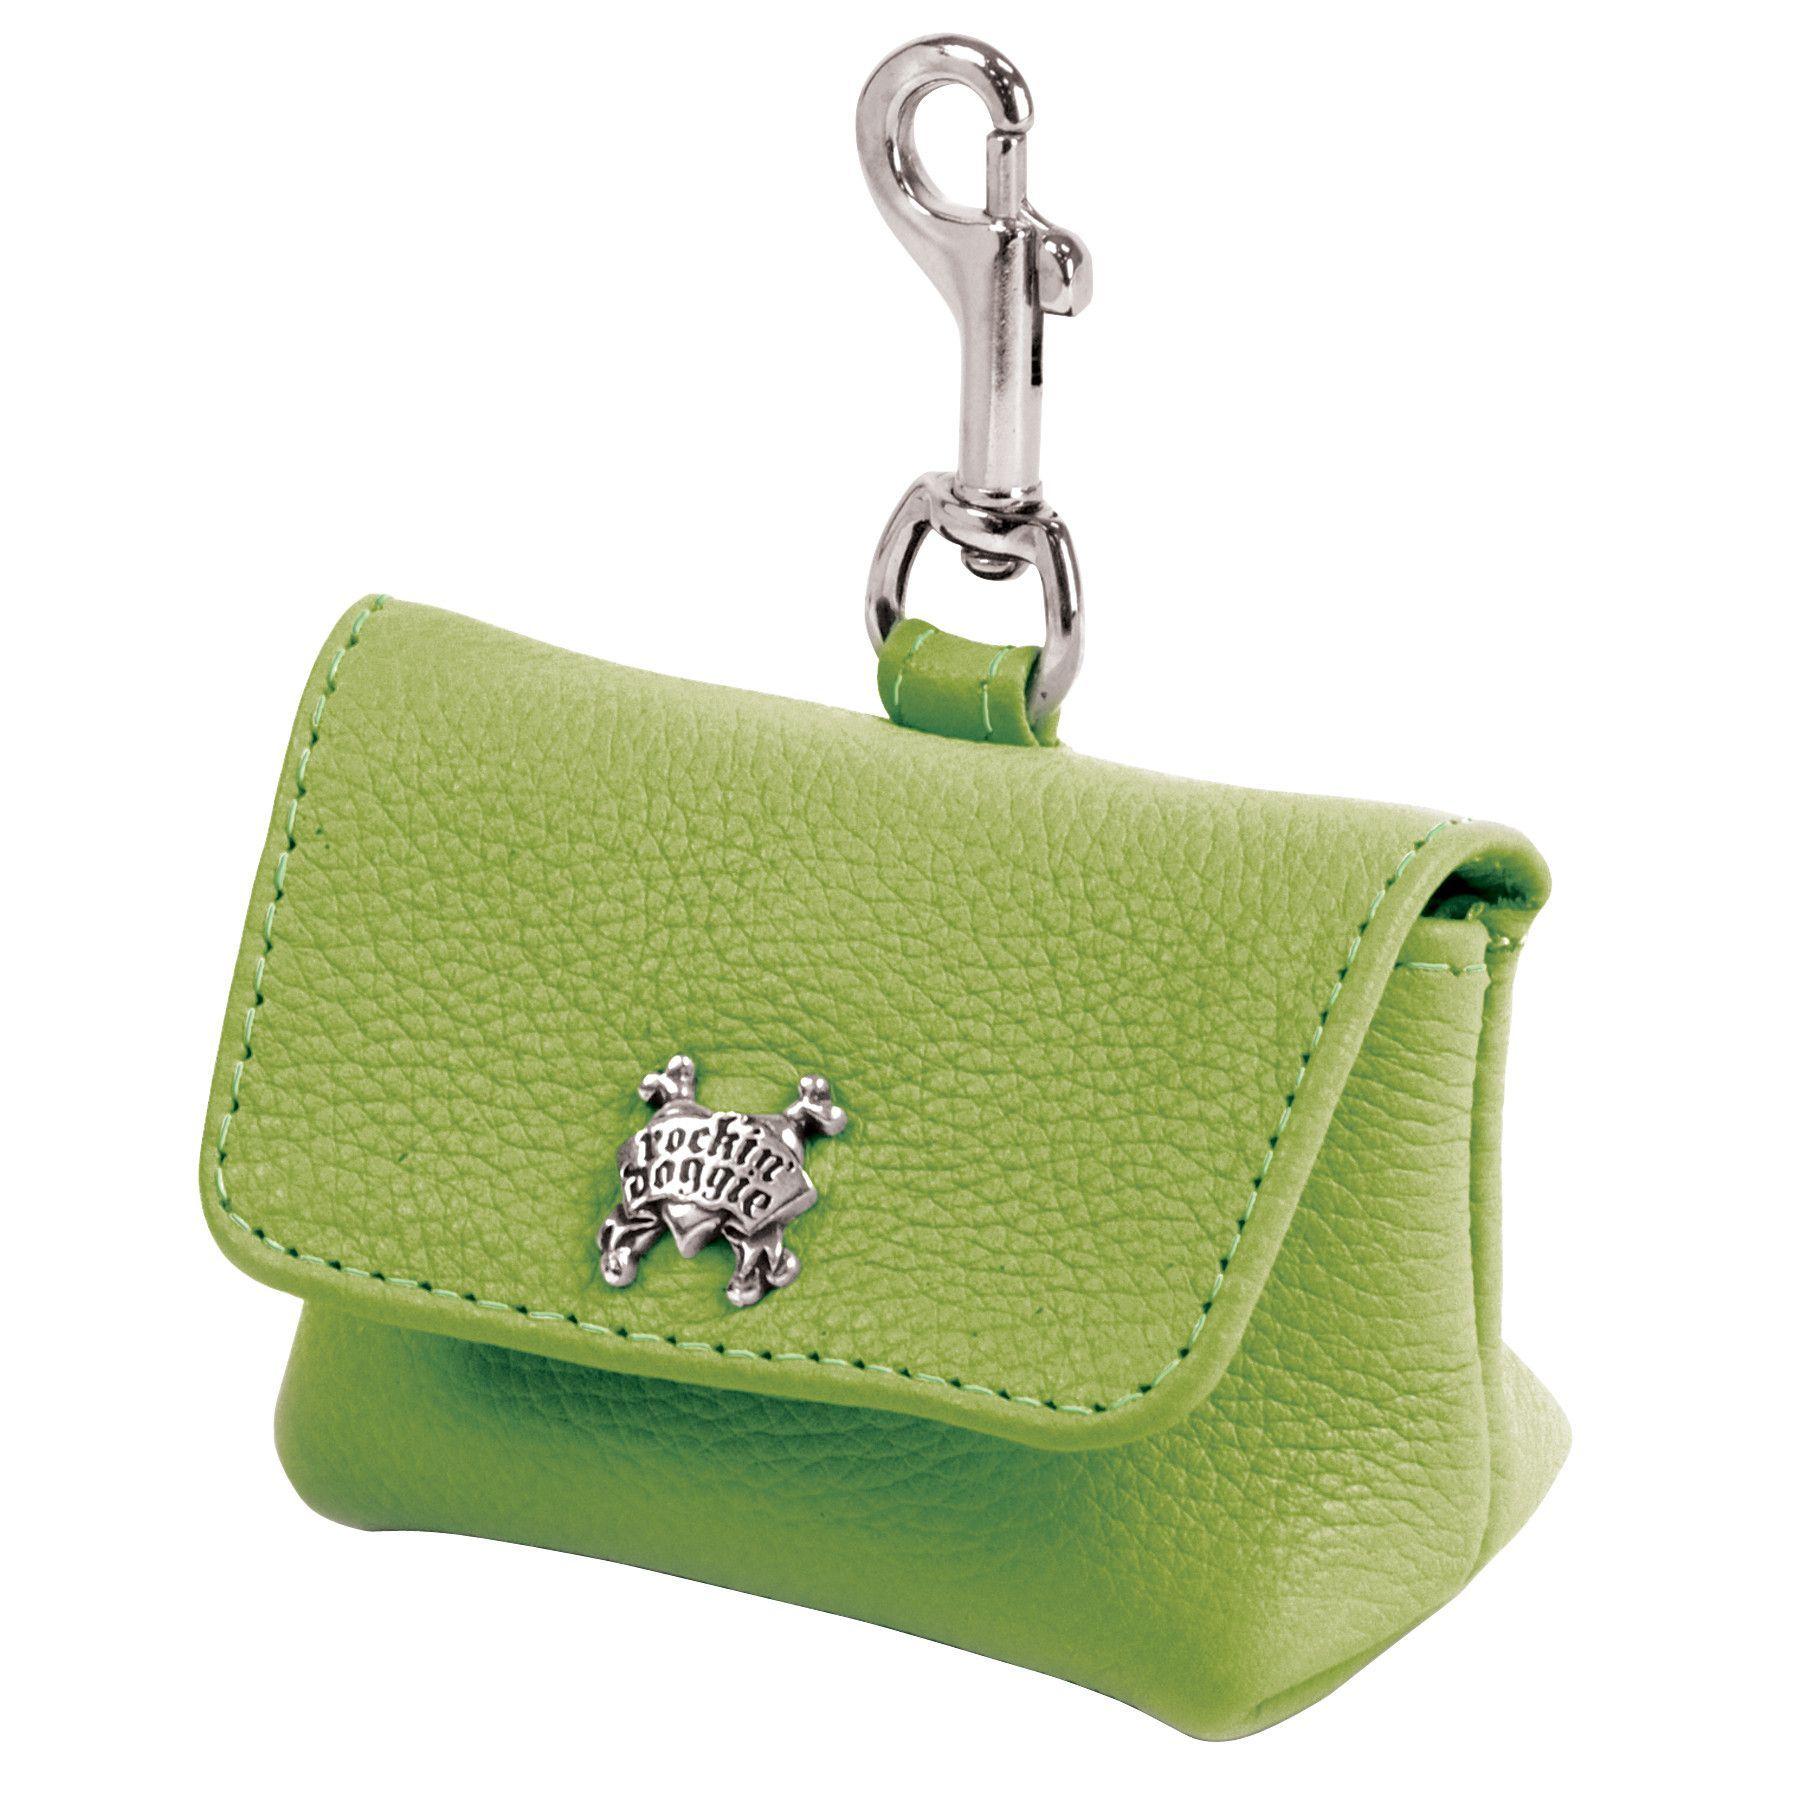 Leather Dog Waste Bag Holder - Green